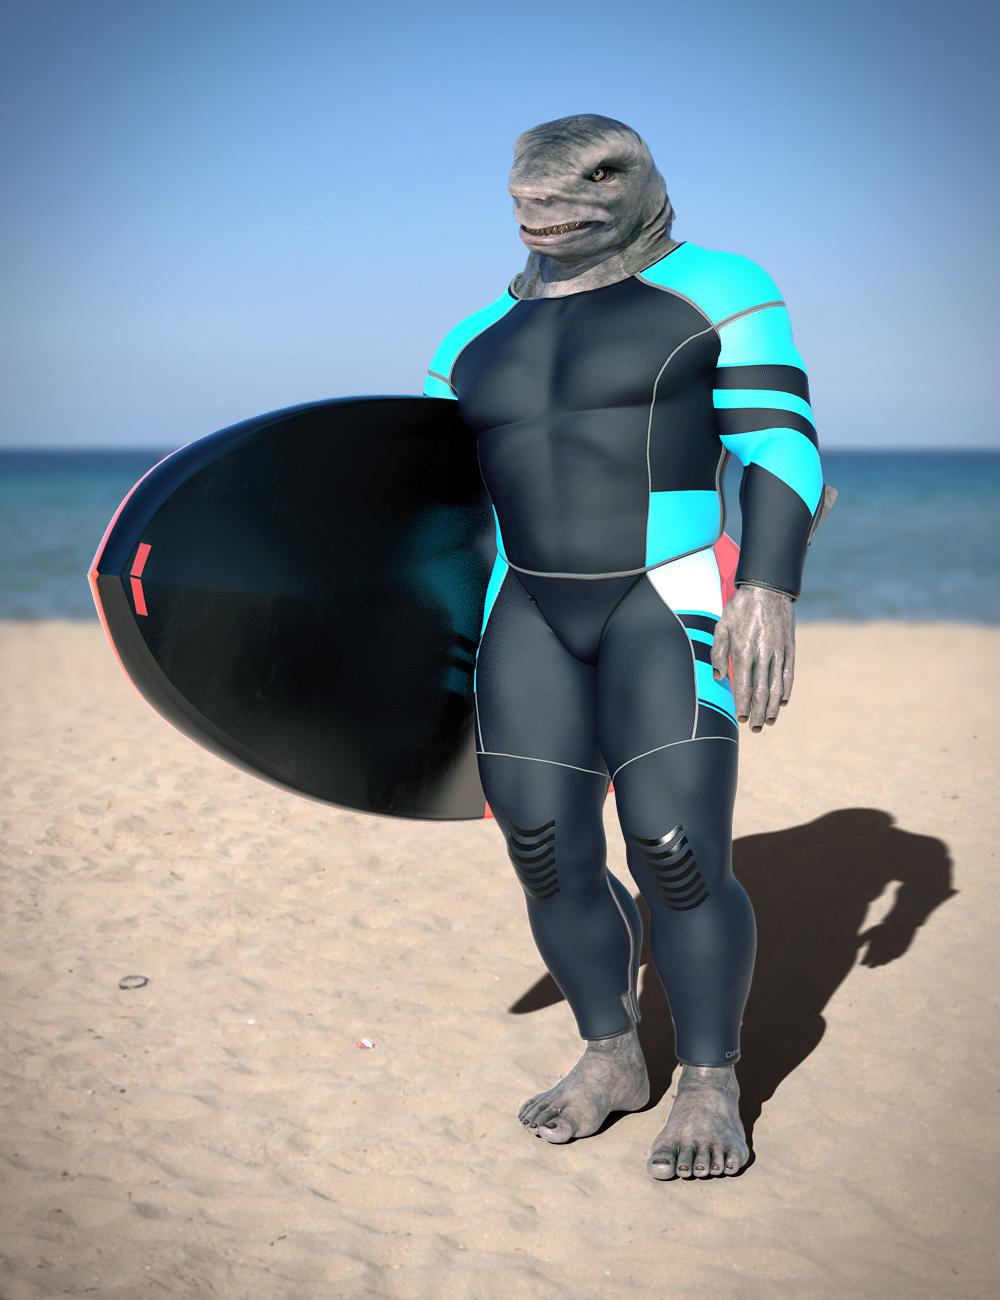 Bodysuit for Jawz by: RedCrow3DArtOdyssey, 3D Models by Daz 3D